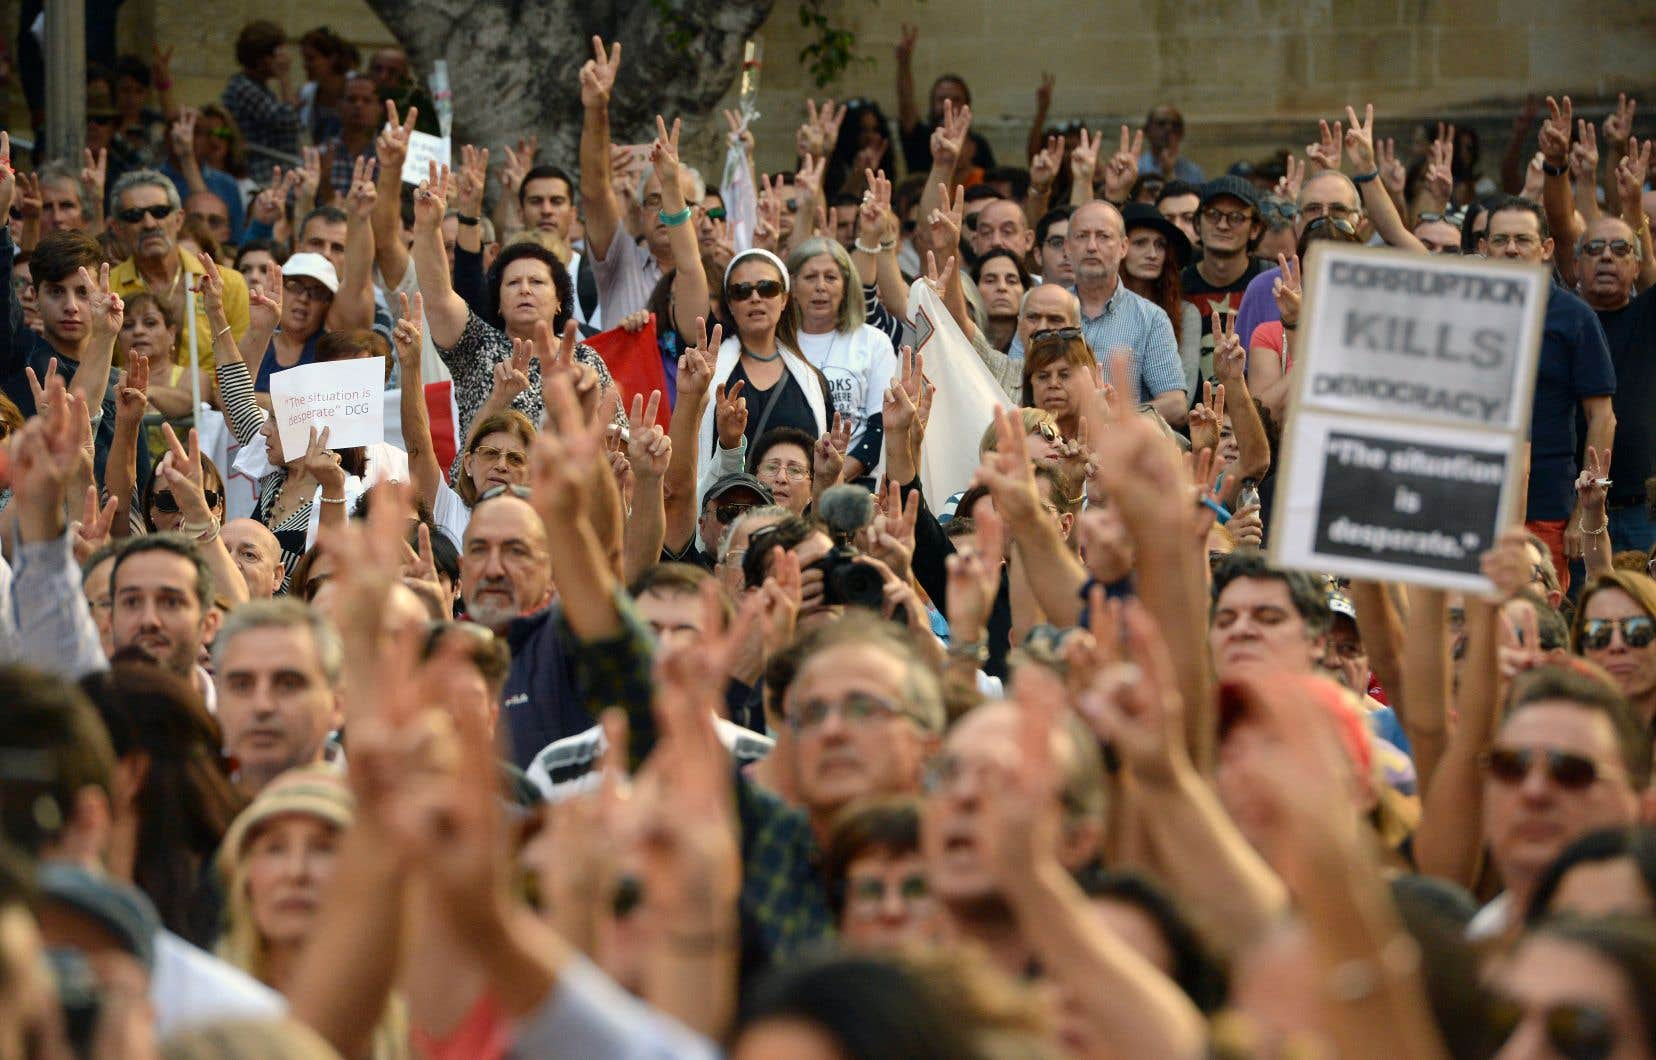 Des milliers de personnes étaient rassemblées à La Valette pour dénoncer le meurtre survenu il y a une semaine.